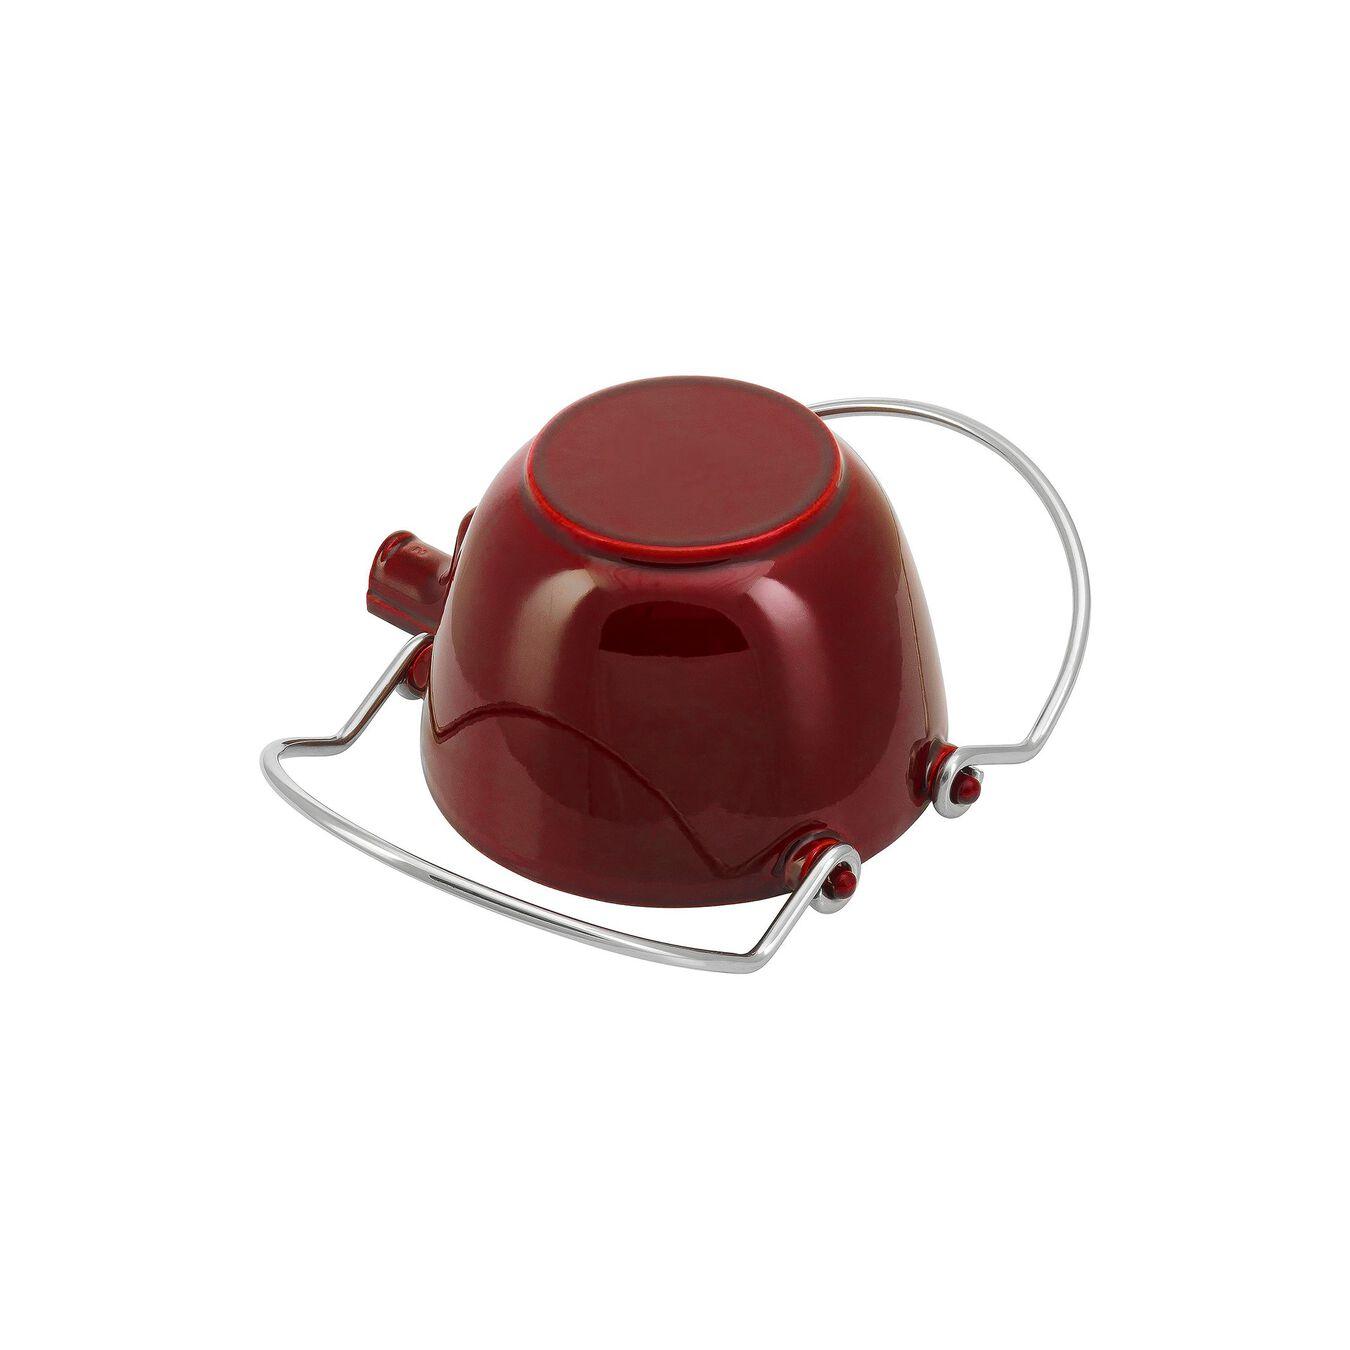 1.25 l Tea pot, grenadine-red,,large 6